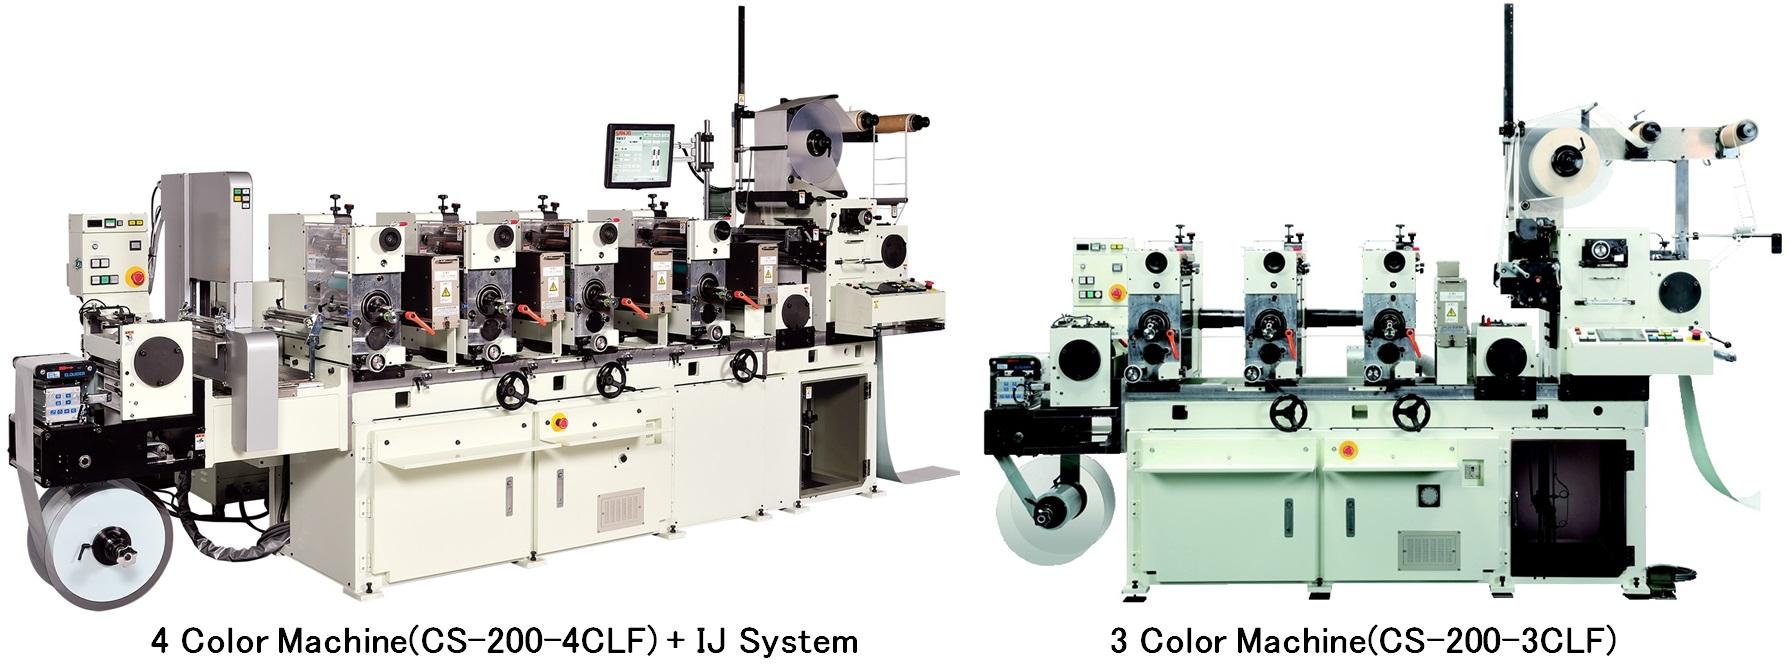 CS-200-4CLF